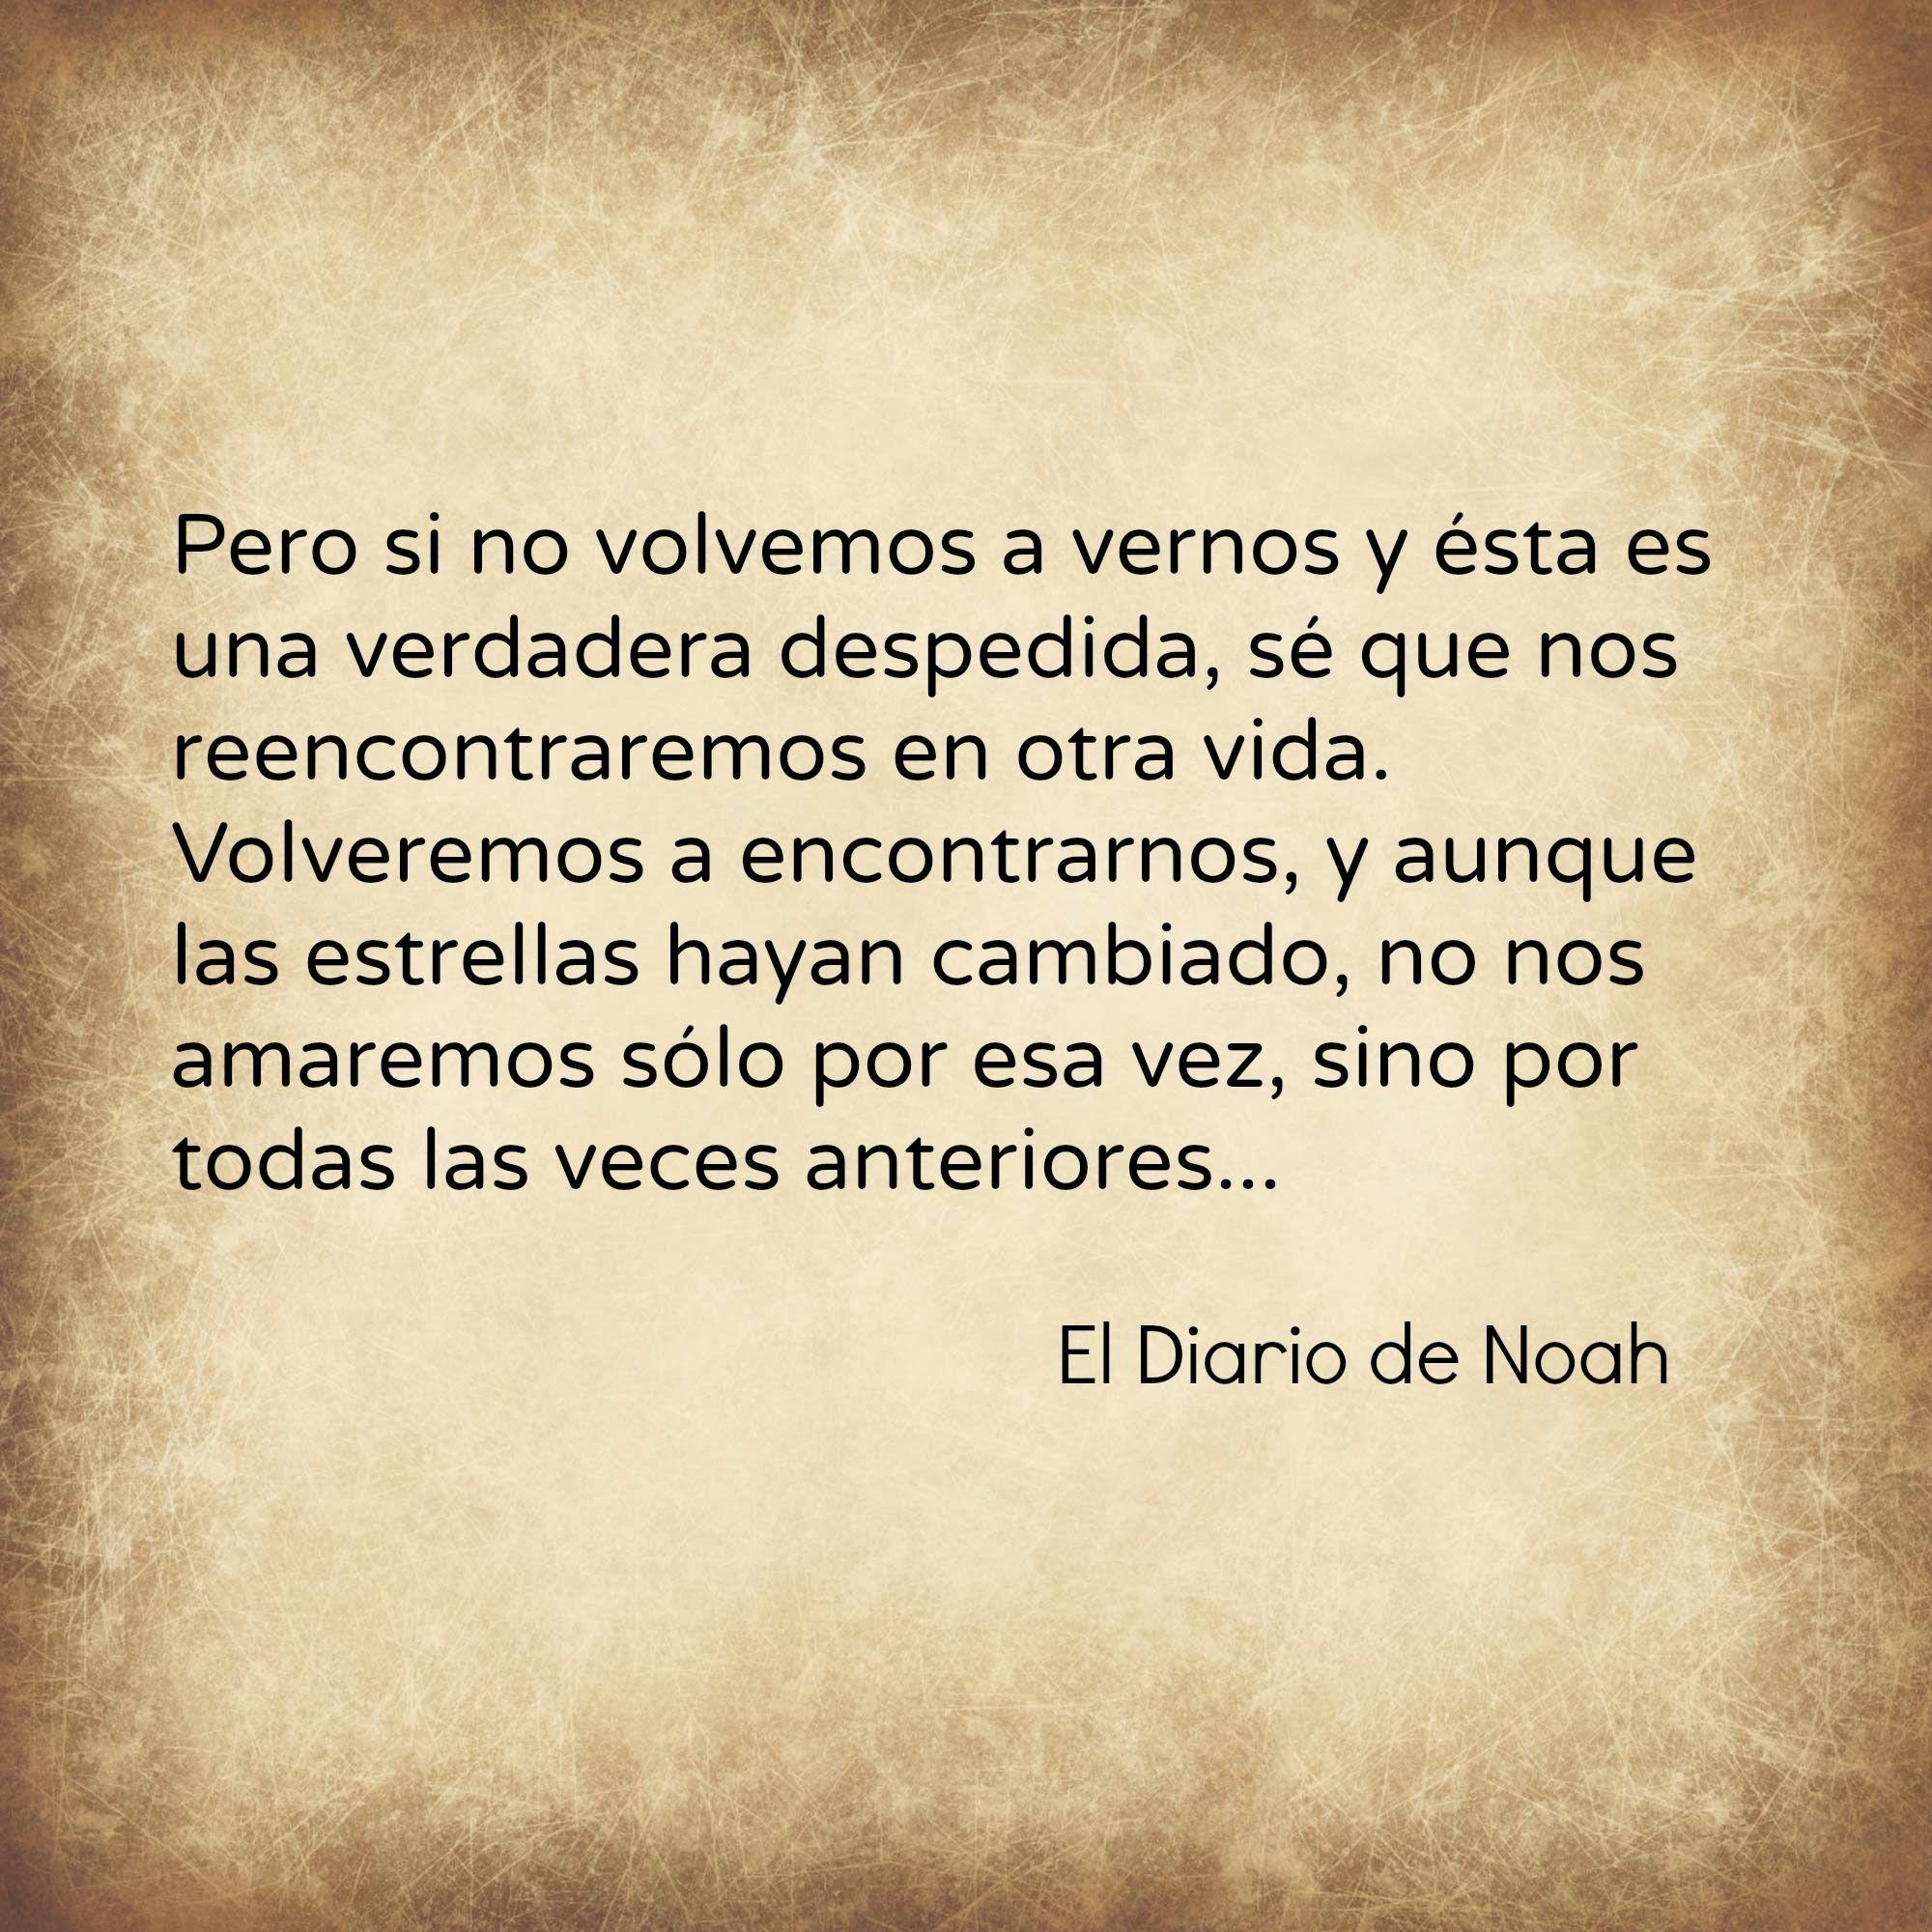 Nosaremos por todas las veces anteriores El Diario de Noah Frases De DespedidaFrases De AmorFrase